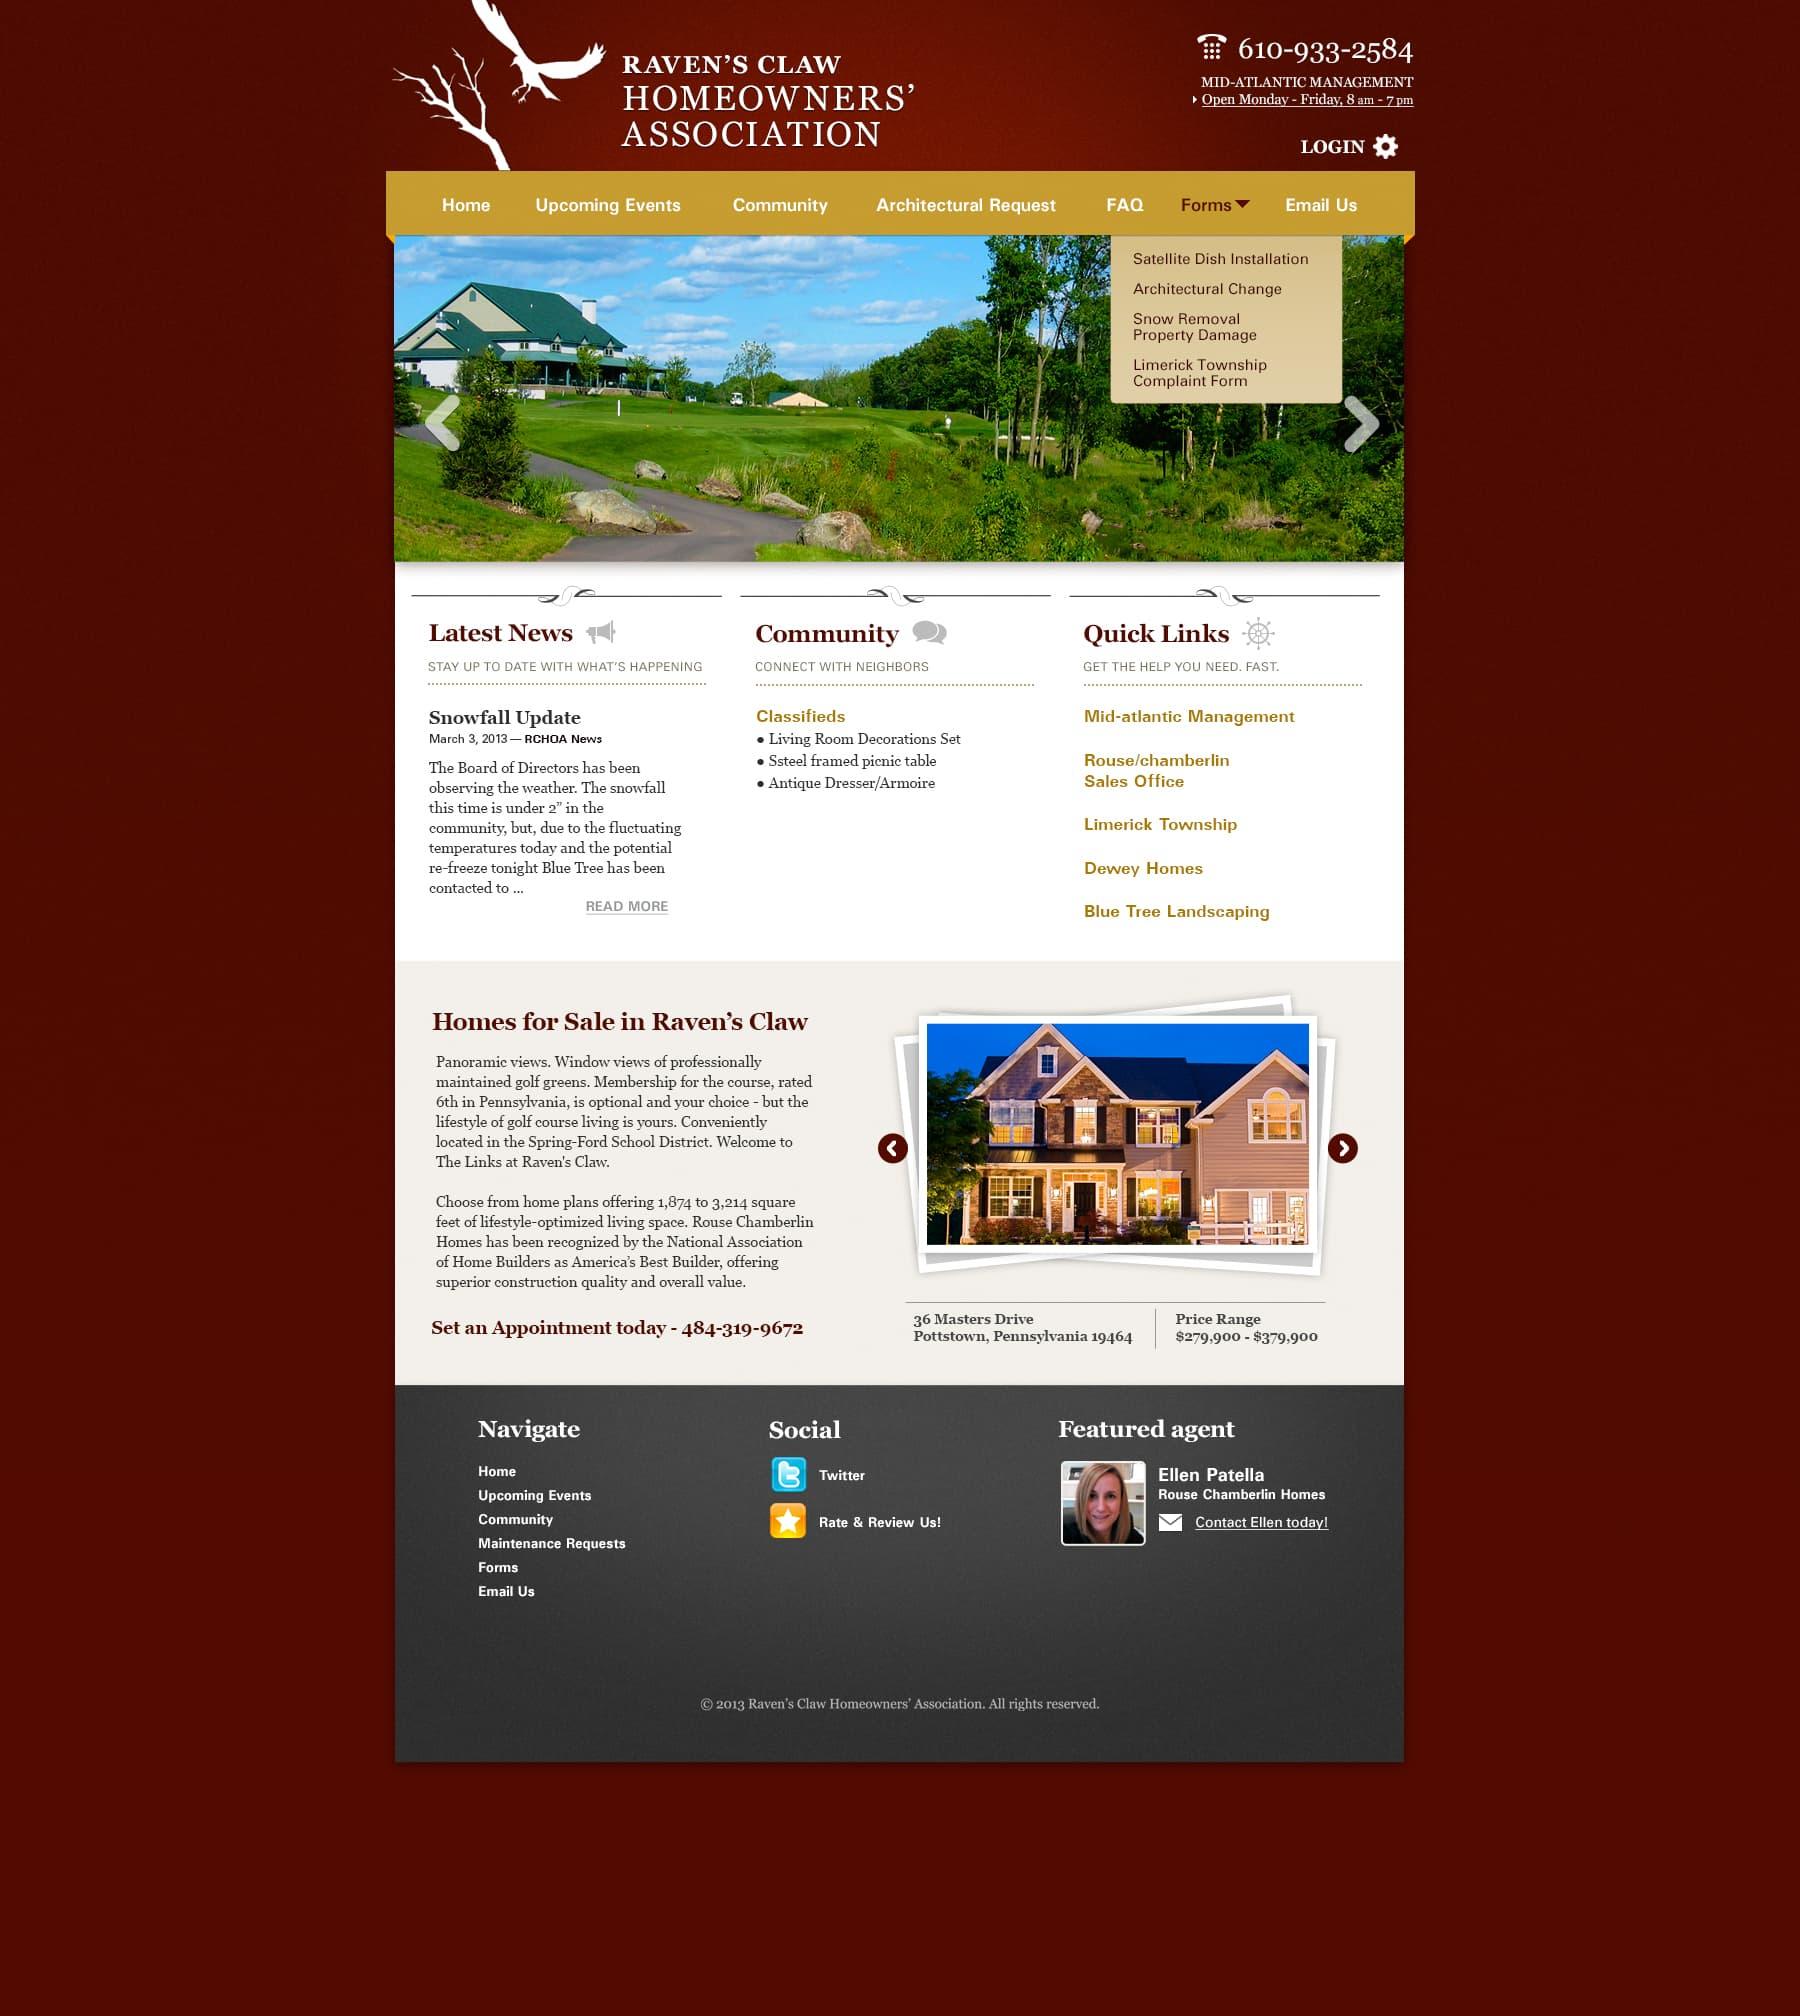 RavensClaw HOA Site